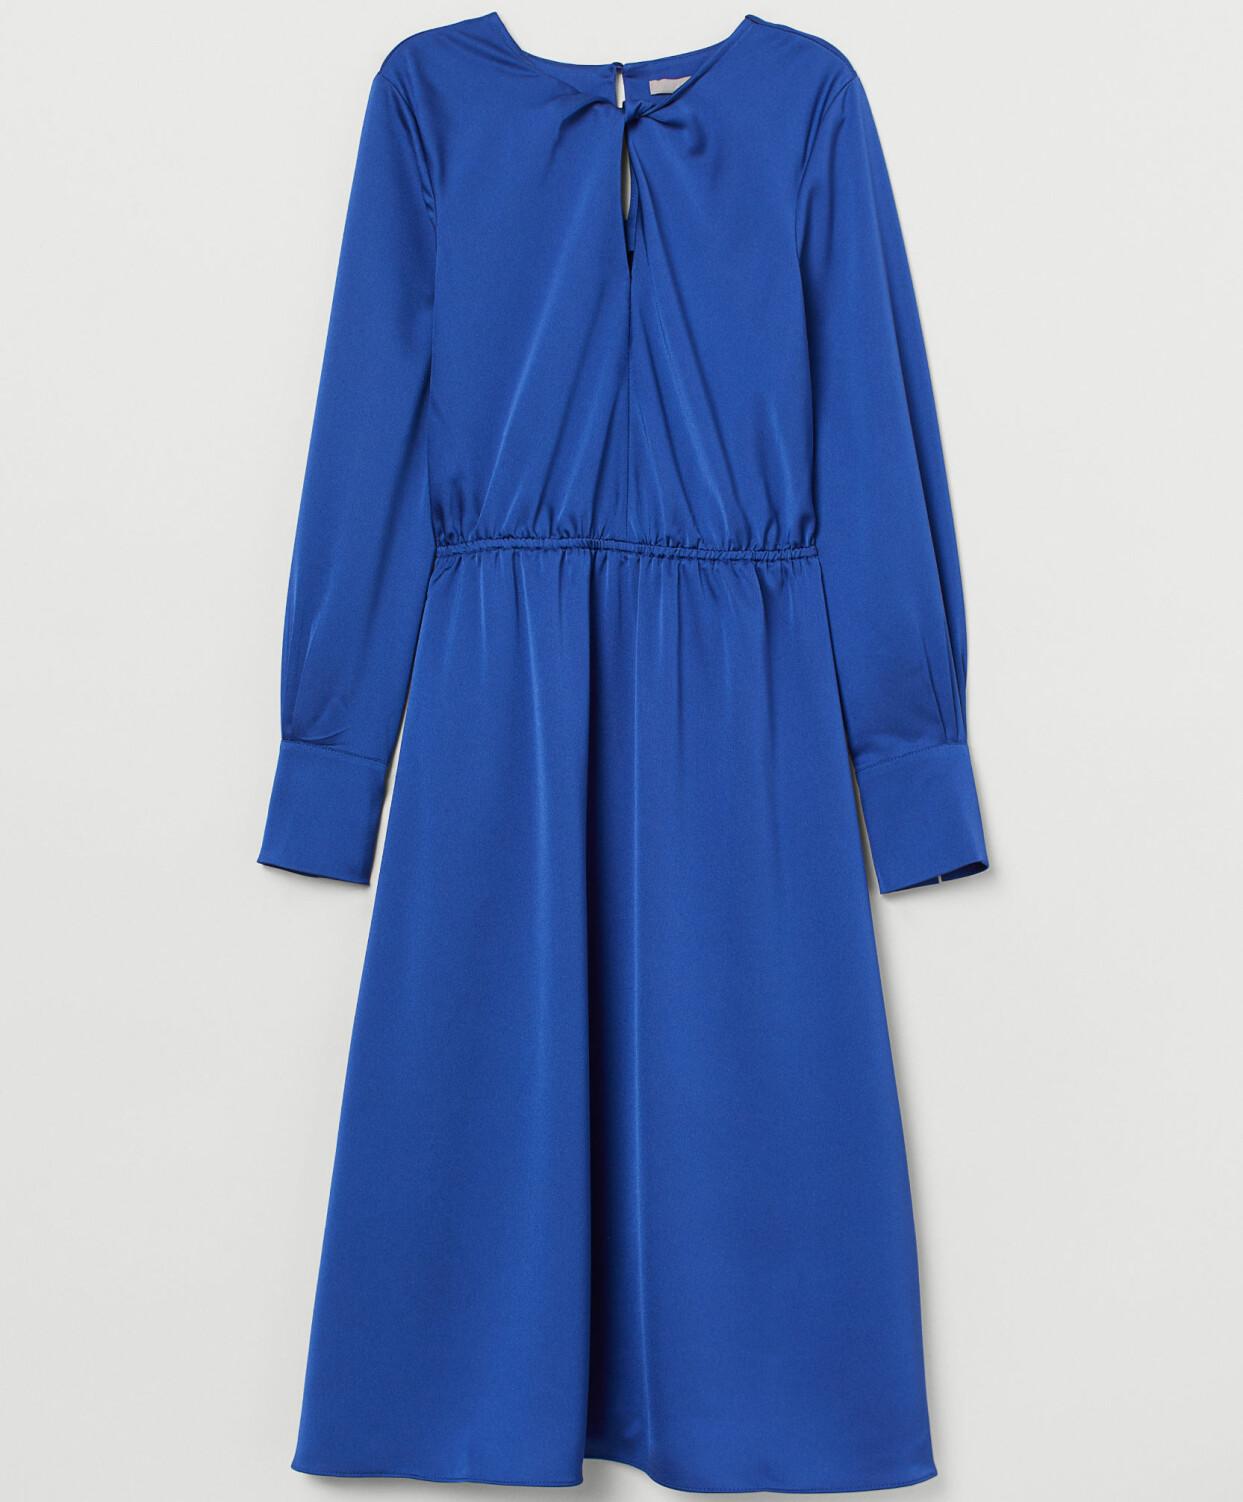 Kornblå klänning med knut i halsen, från H&M